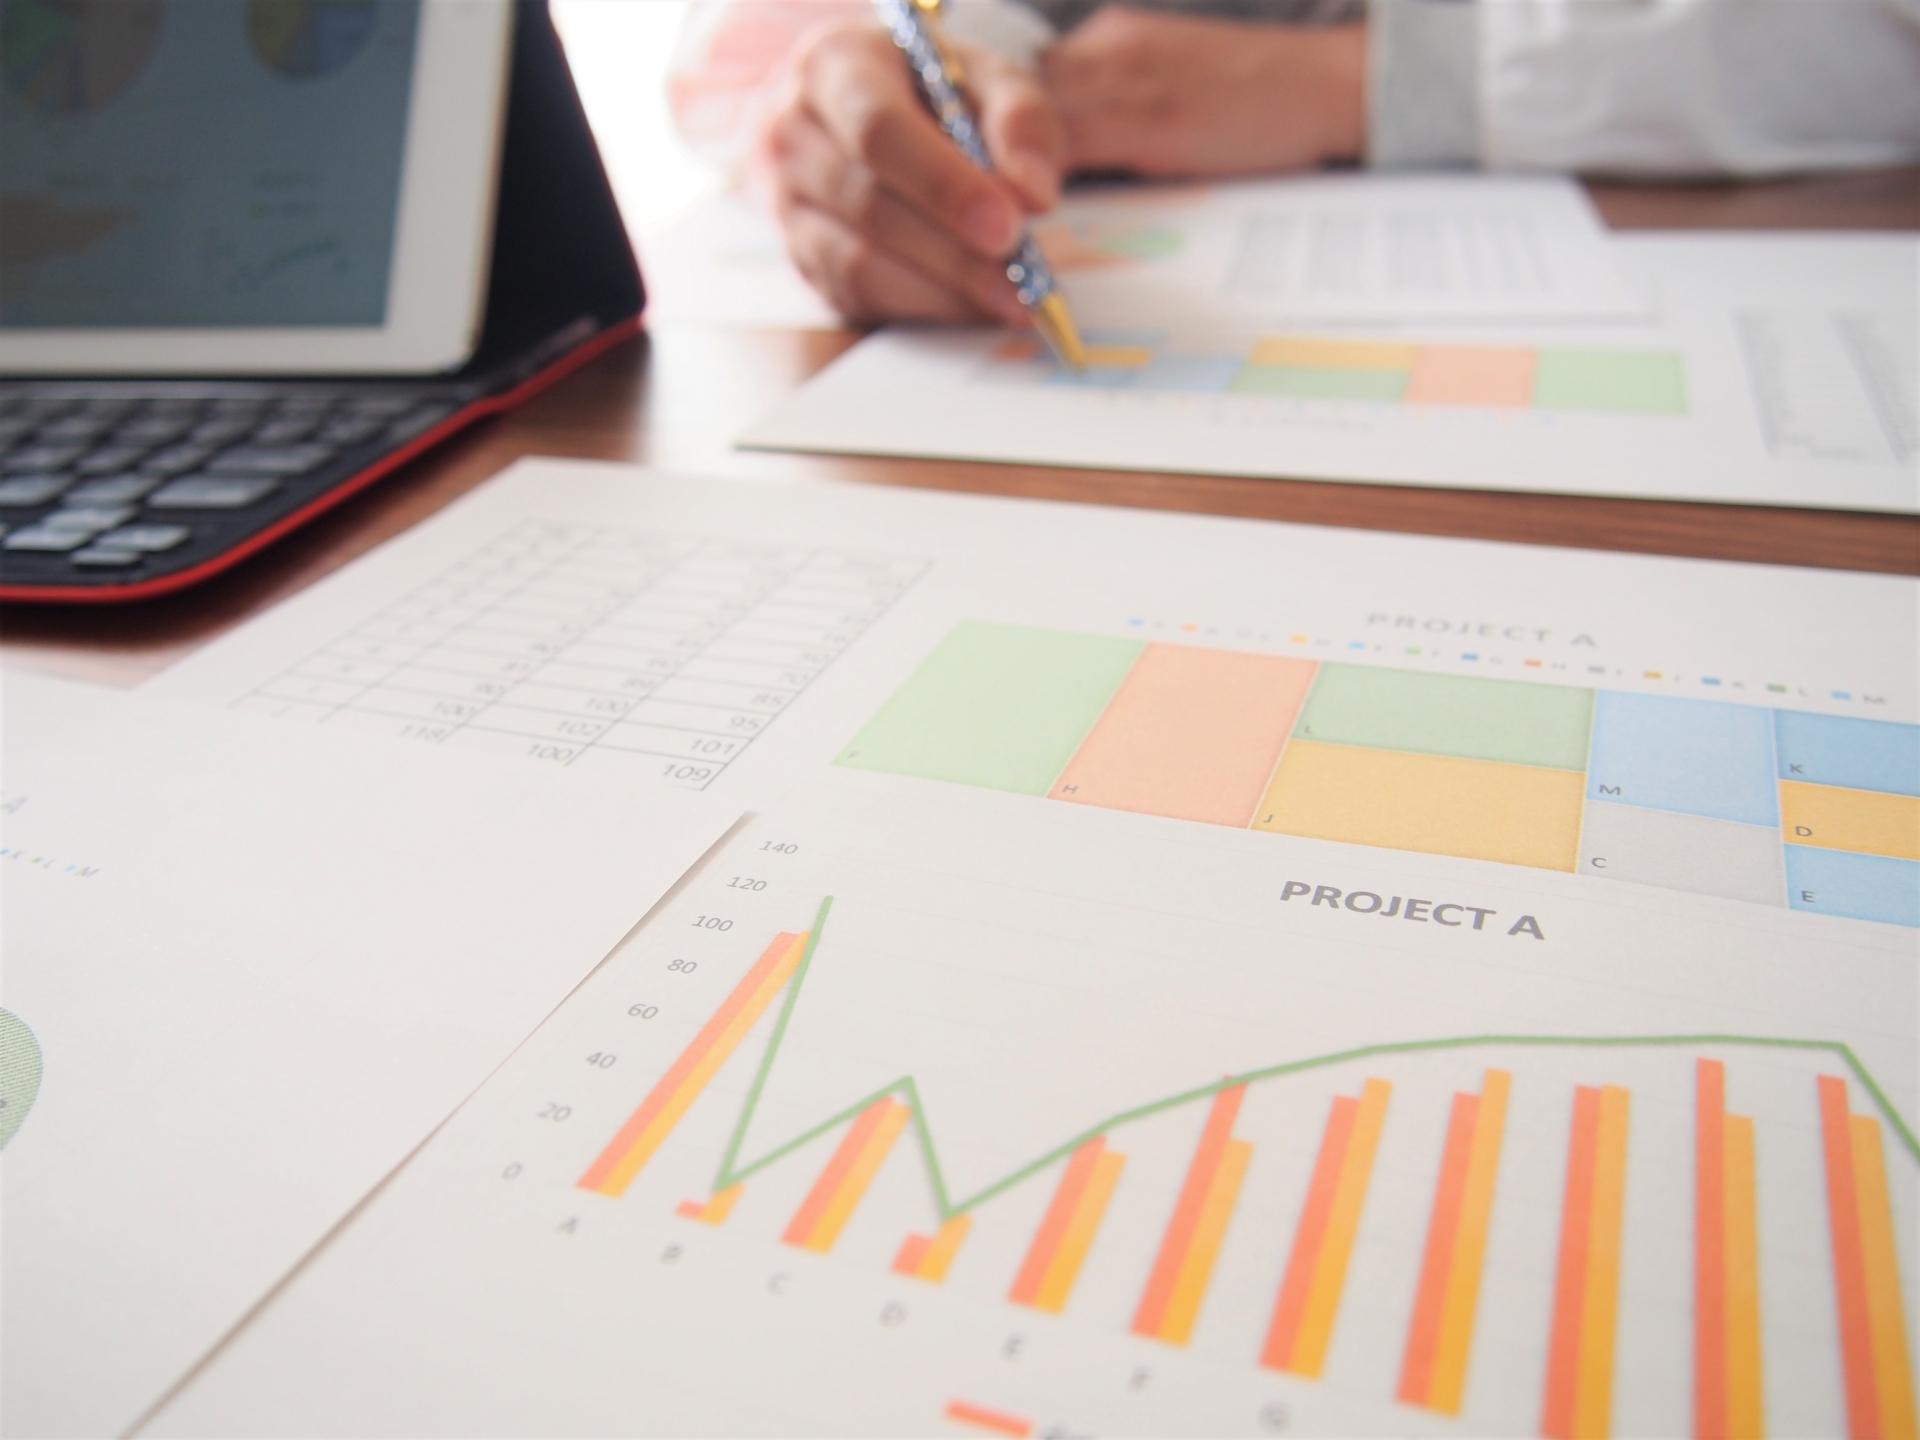 営業で管理すべきデータとは?営業管理をするメリットと方法 | Senses Lab. | アイキャッチ画像